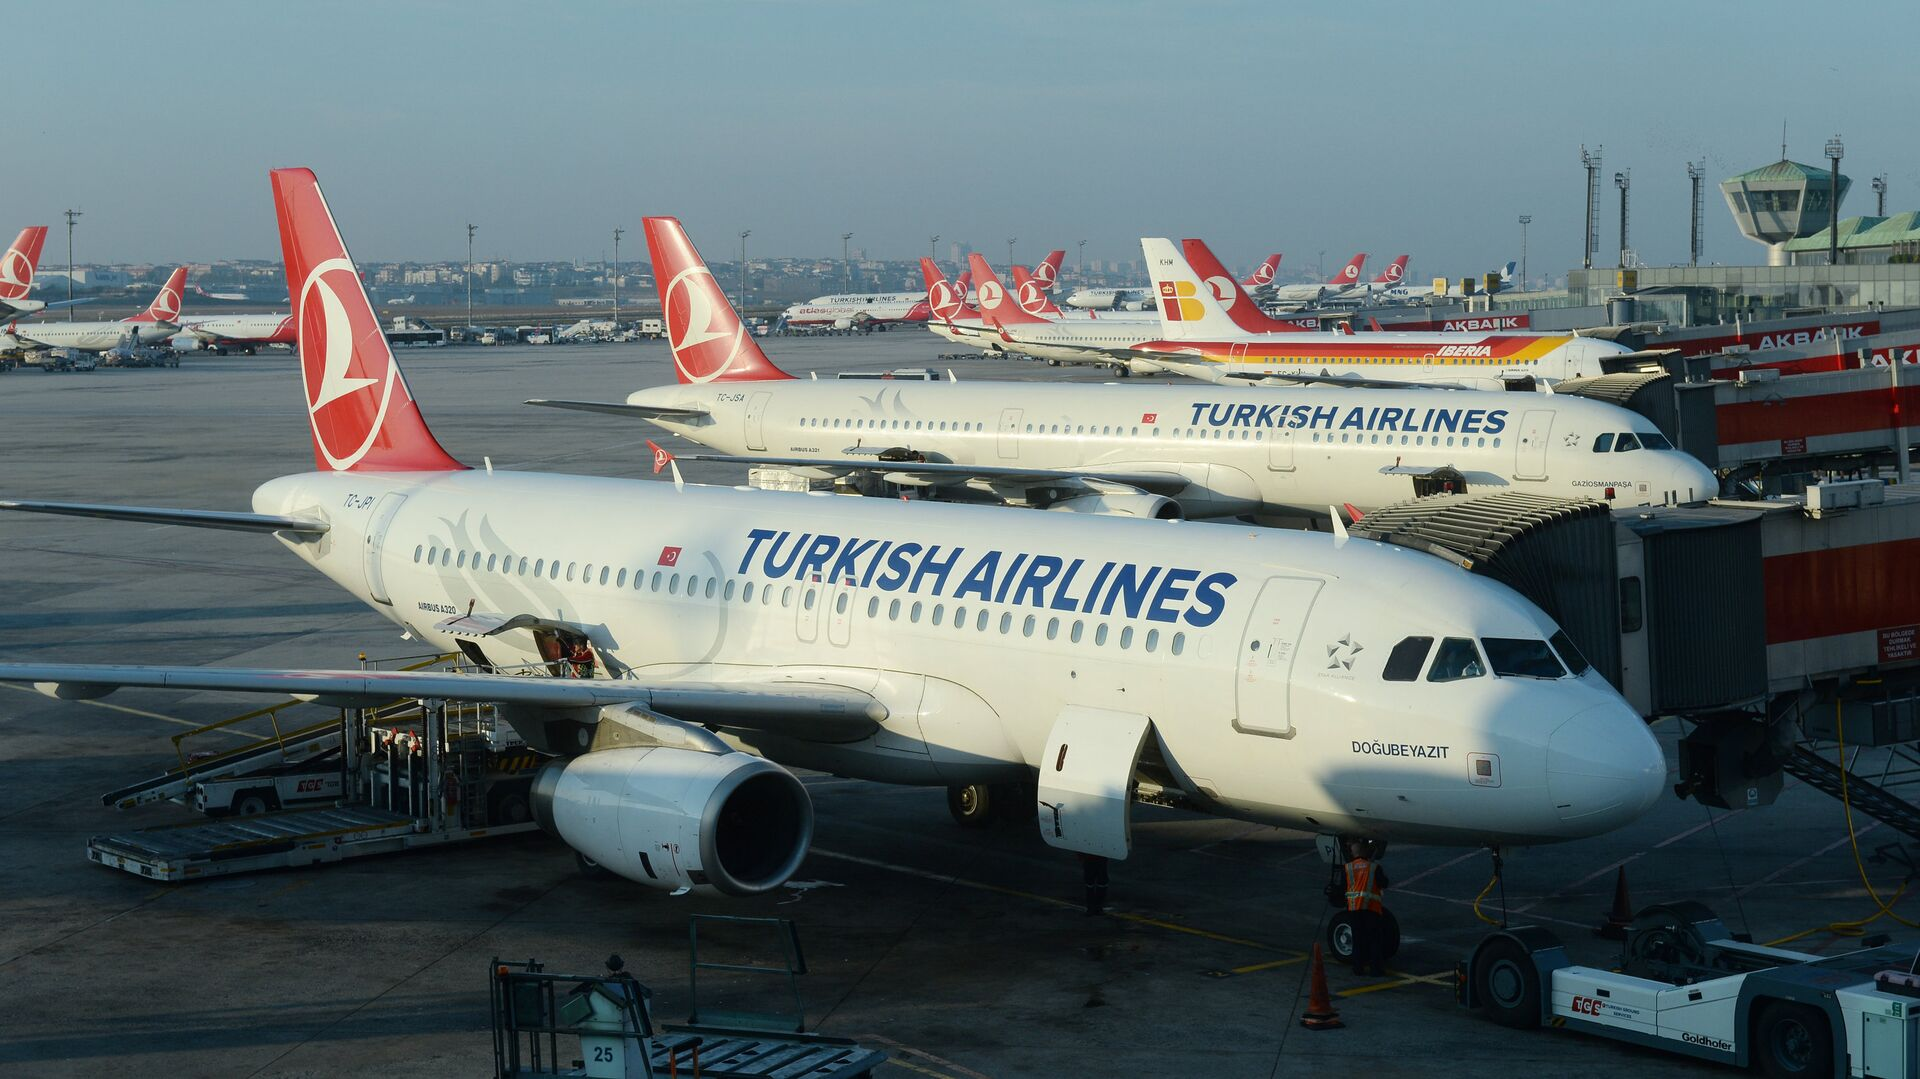 Aerei della compagnia Turkish Airlines nell'aeroporto Ataturk di Istanbul (foto d'archivio) - Sputnik Italia, 1920, 19.06.2021